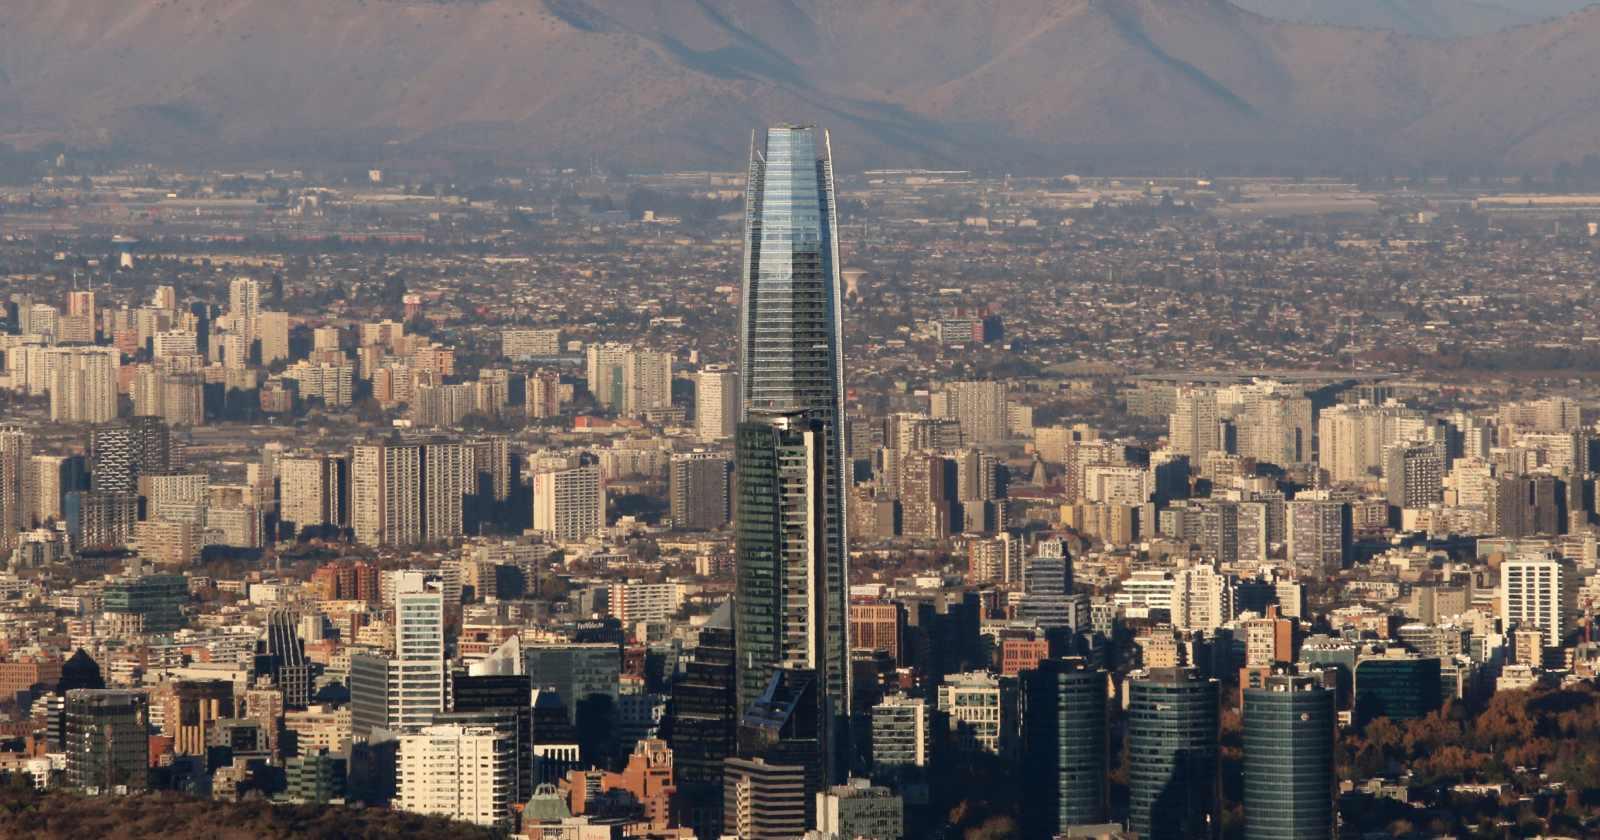 Arriendo de propiedades en la Región Metropolitana disminuye un 75%